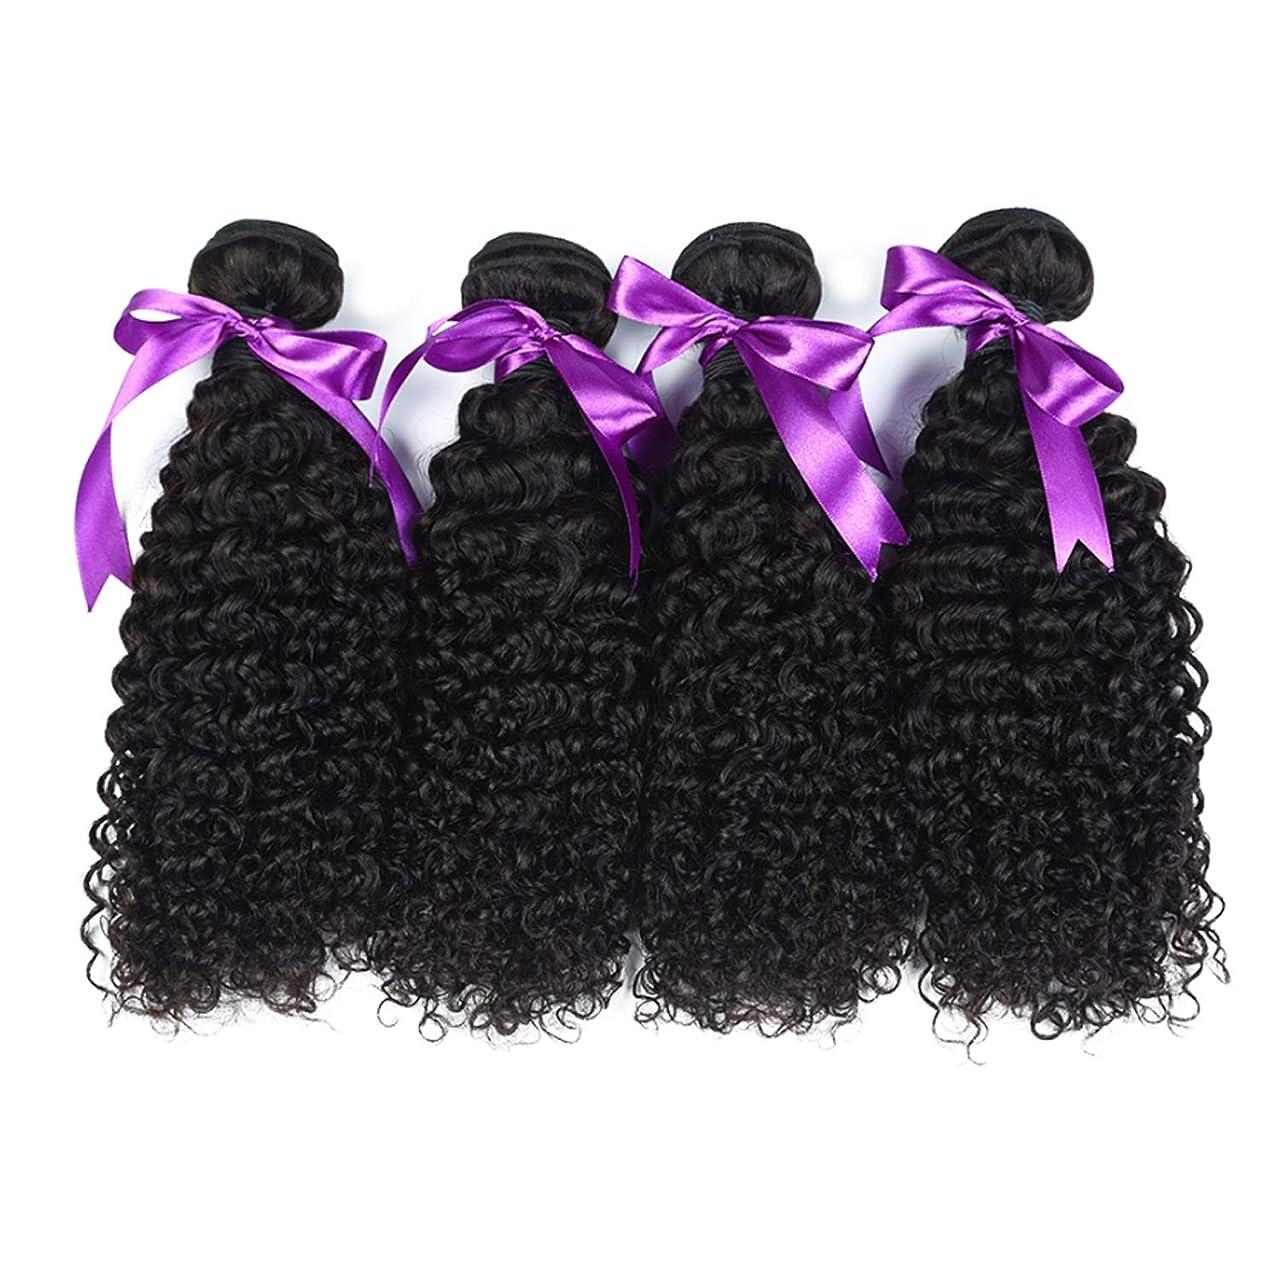 電気の帳面性格マレーシアの巻き毛の束8-28インチ100%の人間の毛髪は、Remyの毛のナチュラルカラー4個の巻き毛の束を織ります かつら (Stretched Length : 22 24 26 28)